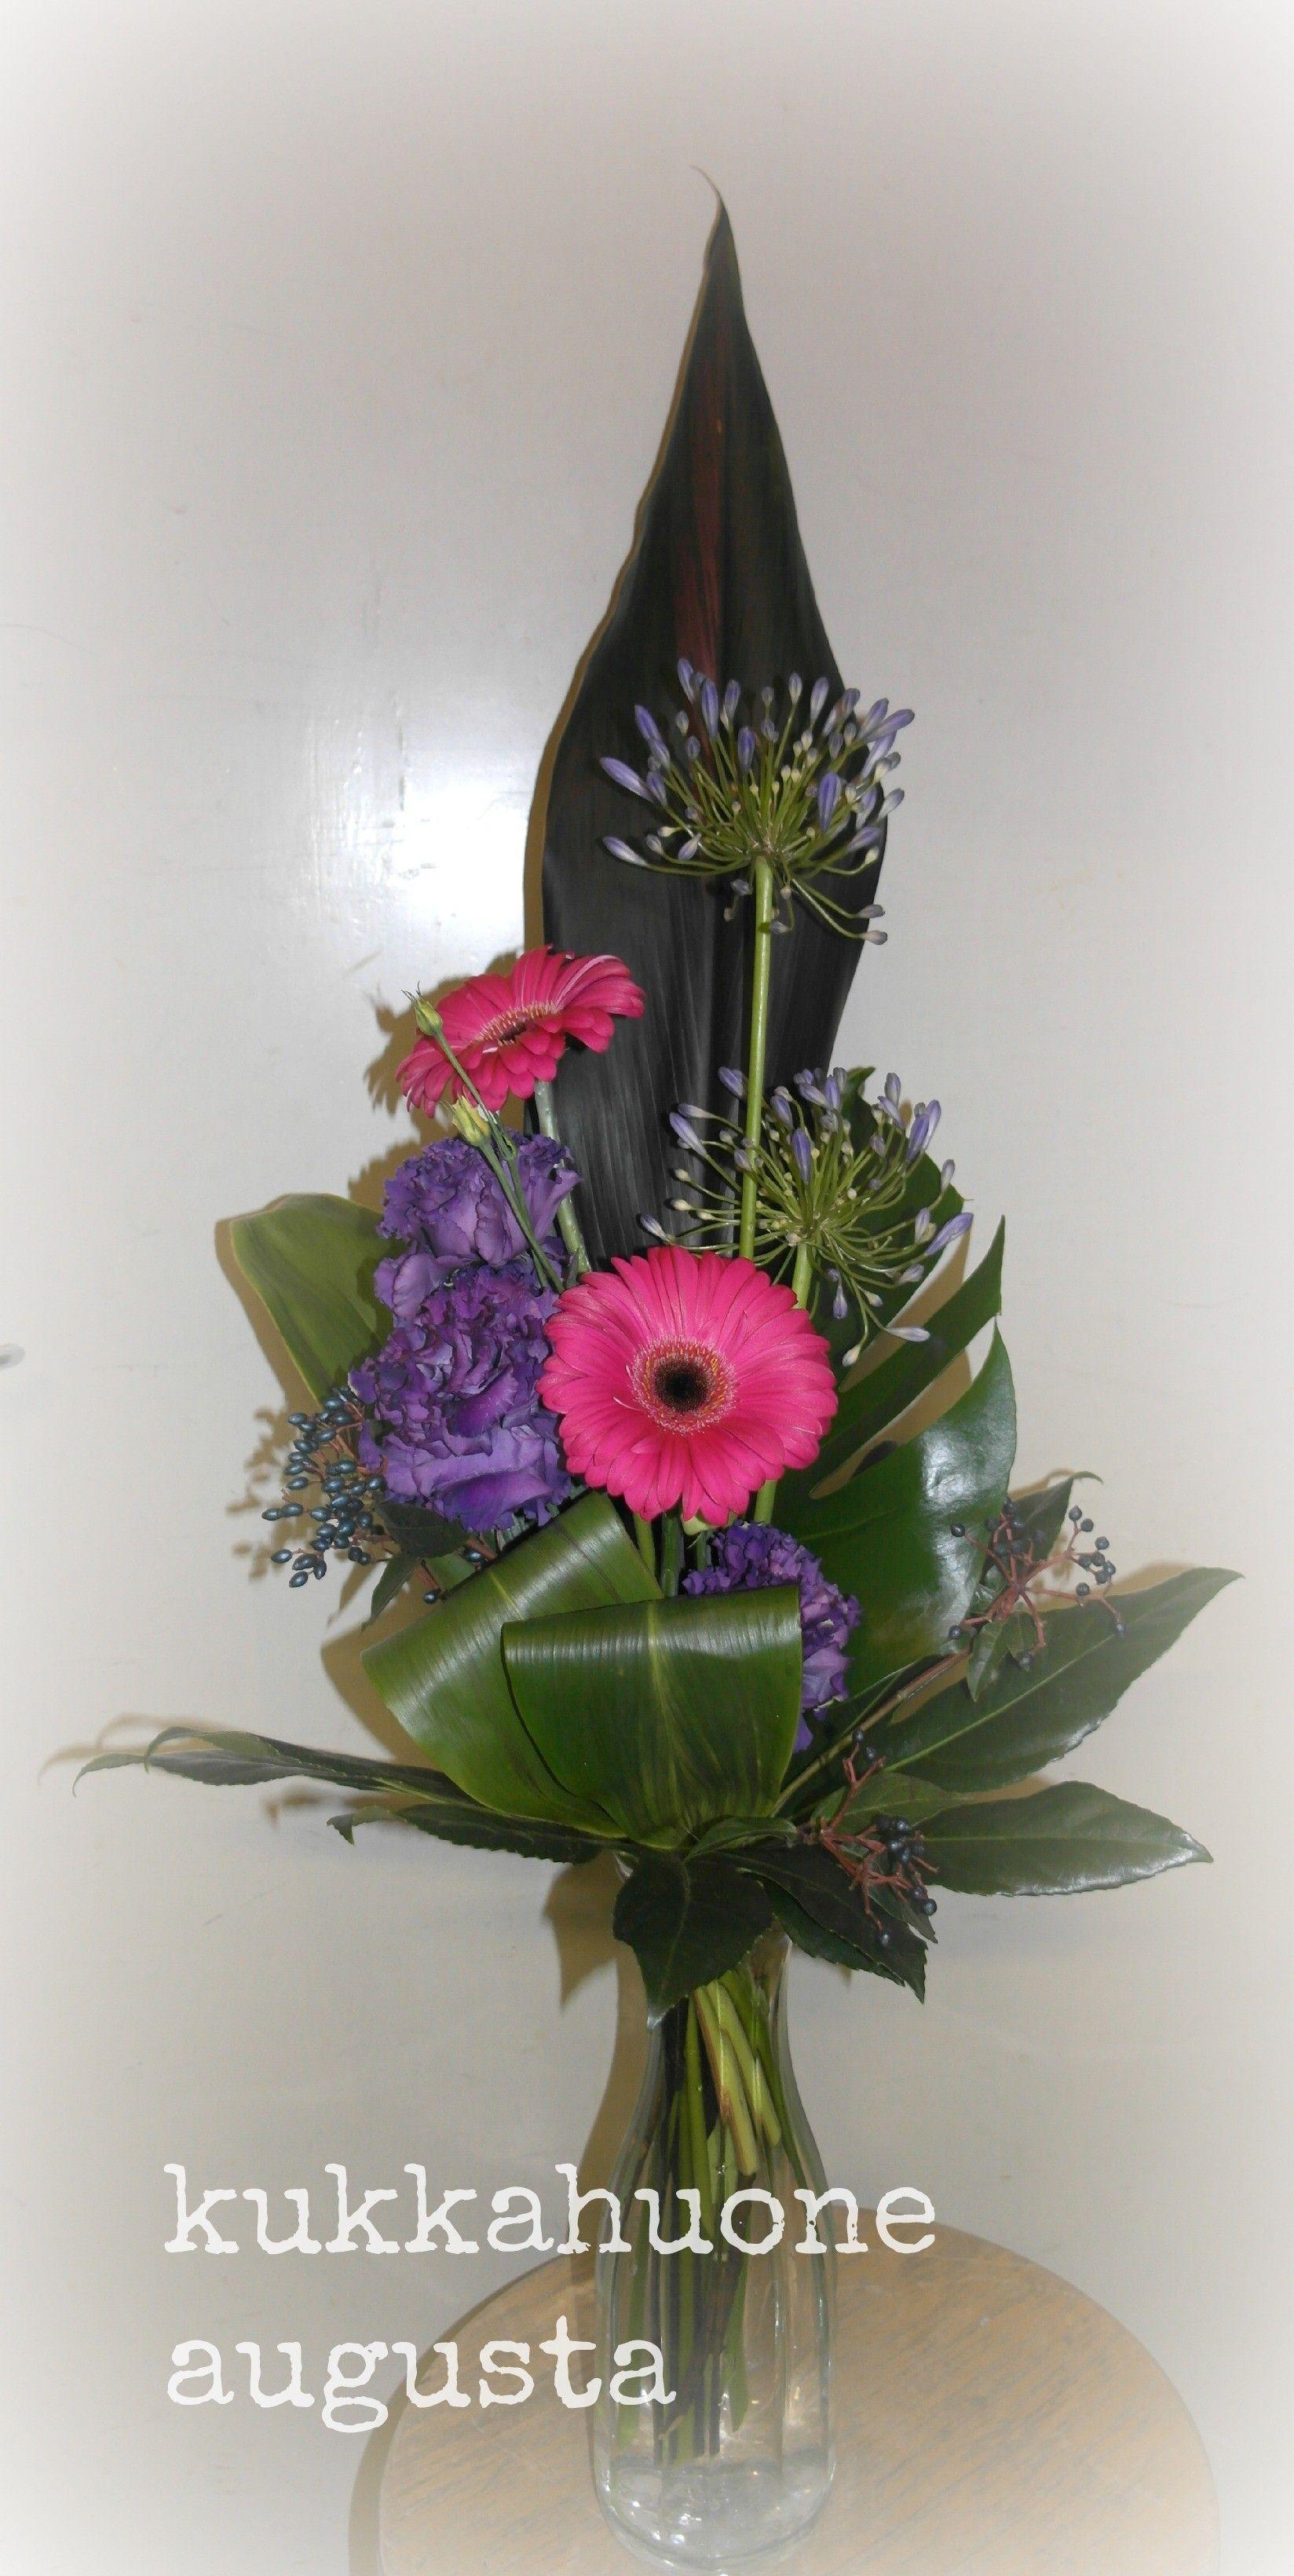 Kukkahuone augusta photogallery kukkakimppu juhlat